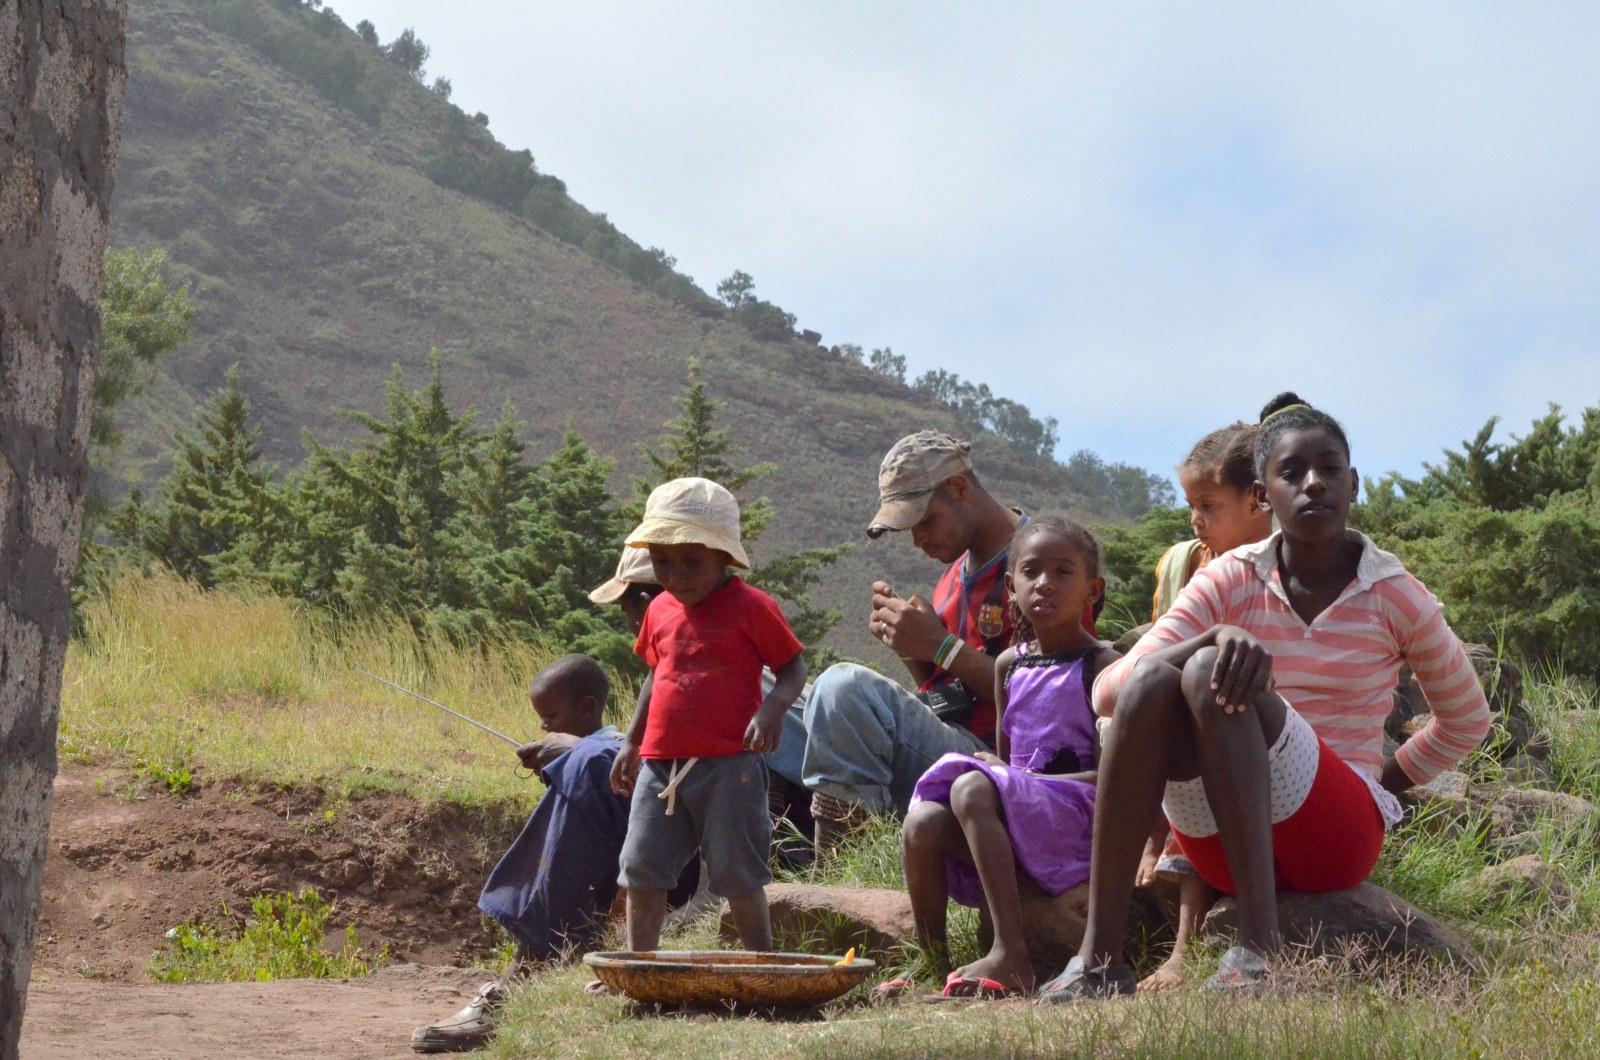 Kapverdianer machen Rast am Rande des Weges in Santo Antao